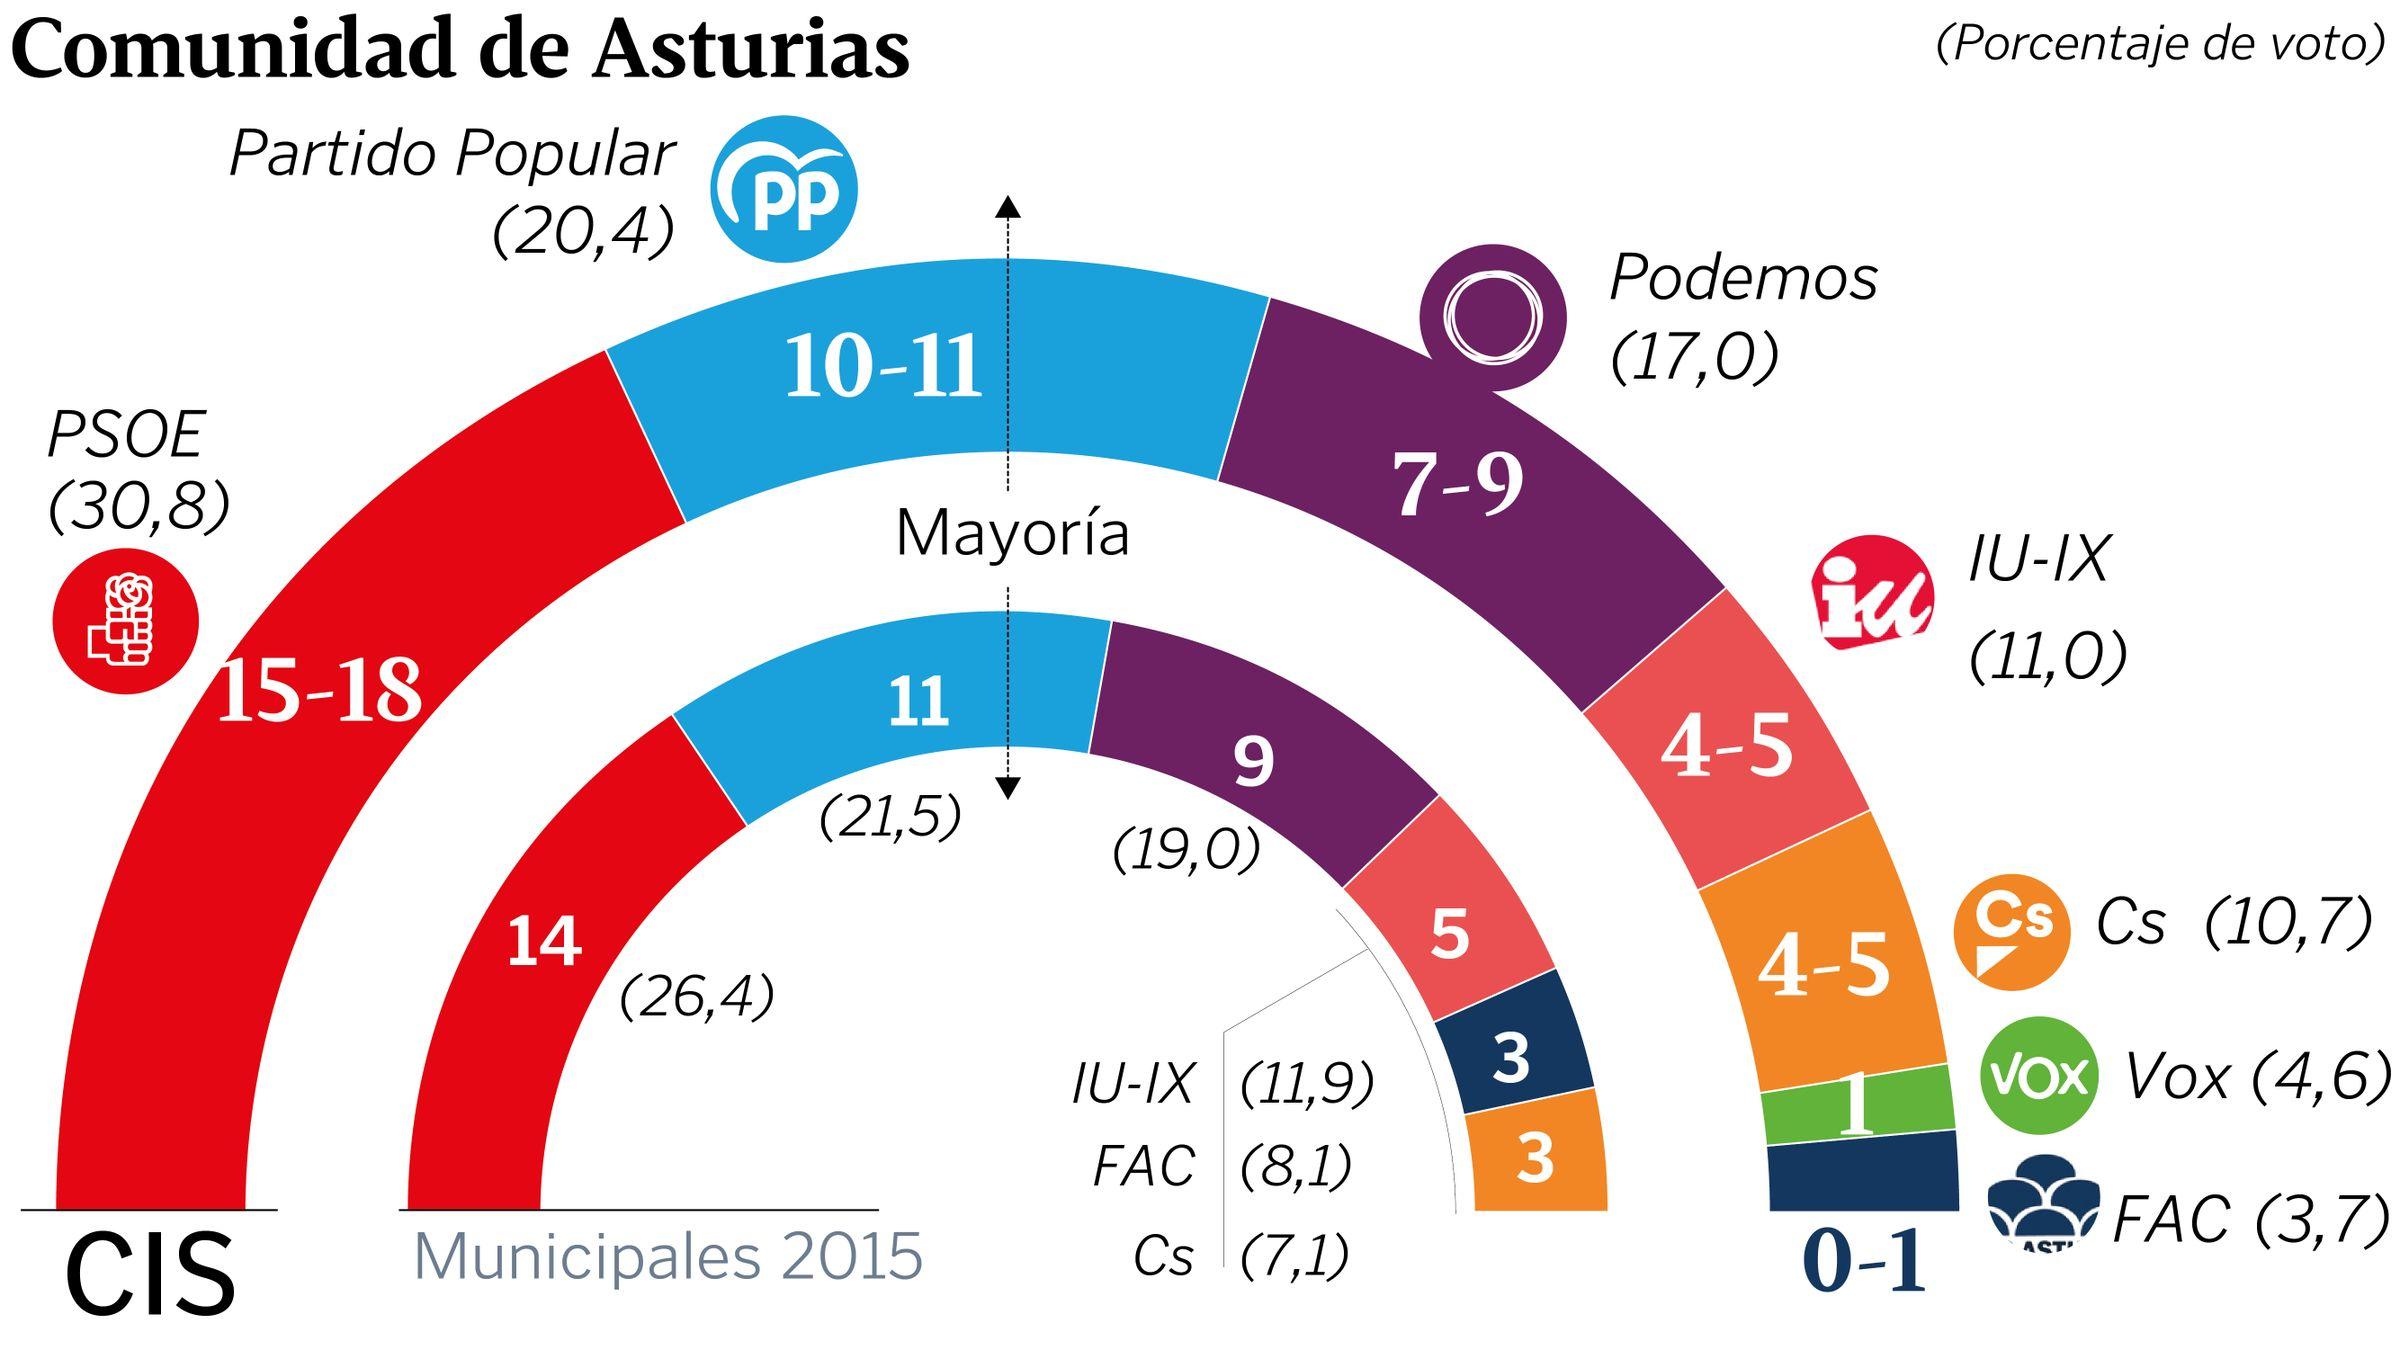 El último adiós a Rubalcaba, en imágenes.Una mesa en un colegio electoral en Oviedo durante la jornada de elecciones generales